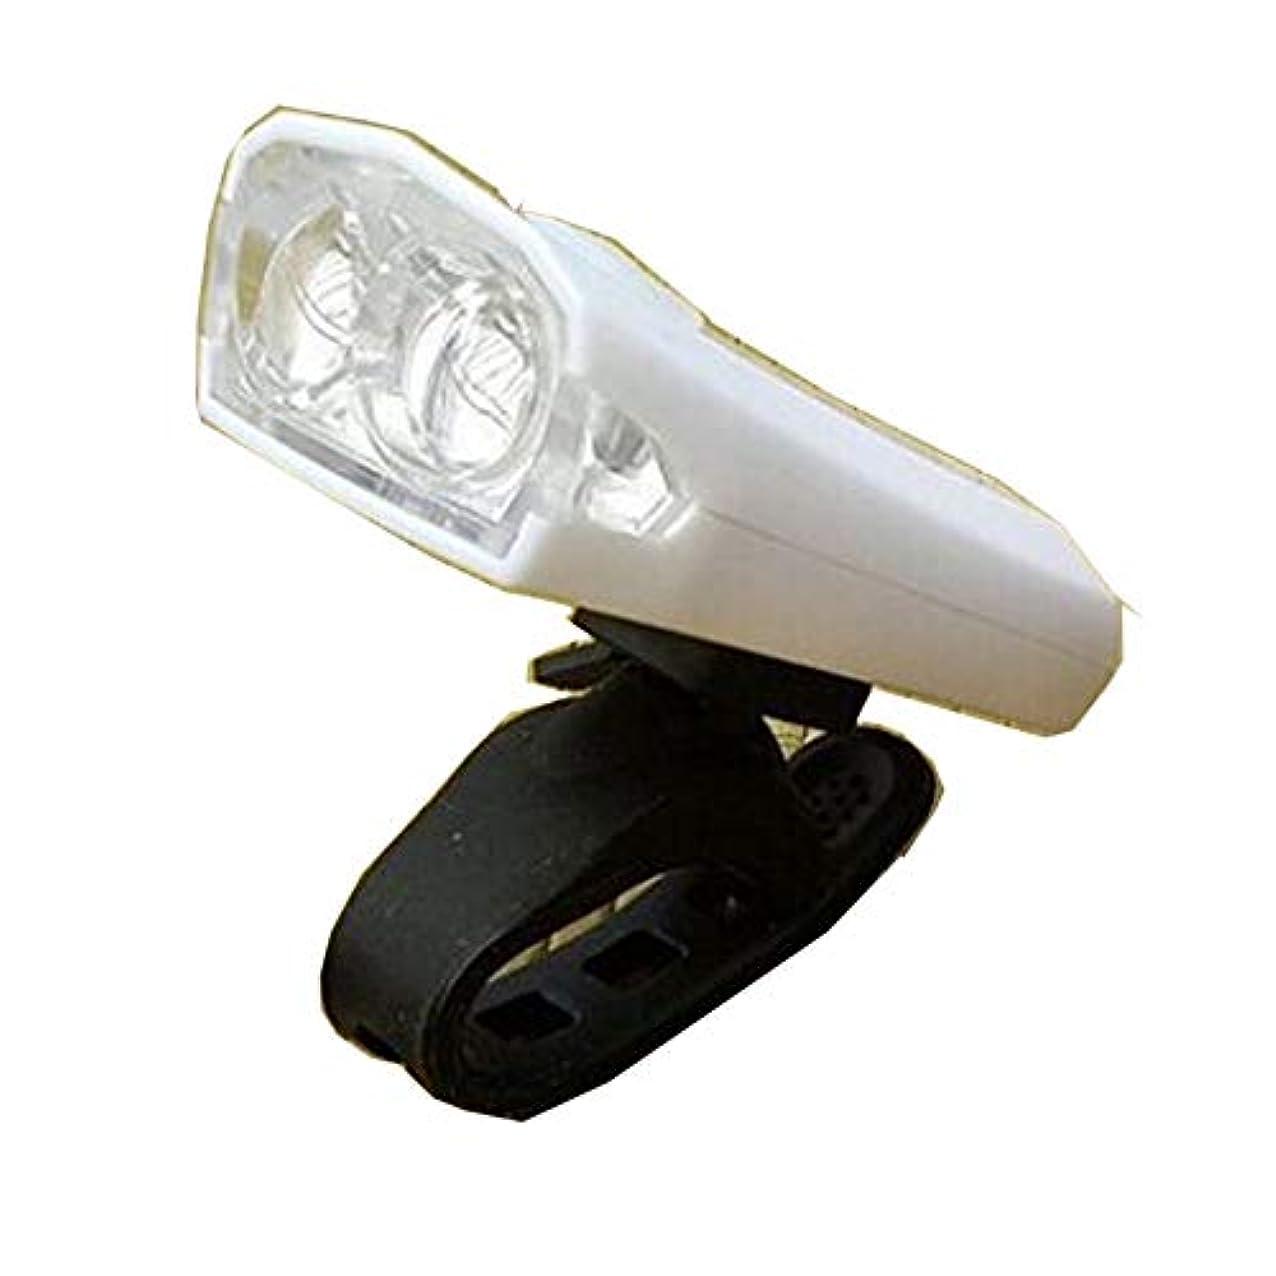 わかりやすい水を飲む赤外線自転車 ライト サイクル ホワイト LED 防水 USB充電式 持ち運び 工具不要 簡単 人気 簡単着脱 TASTE-cylight